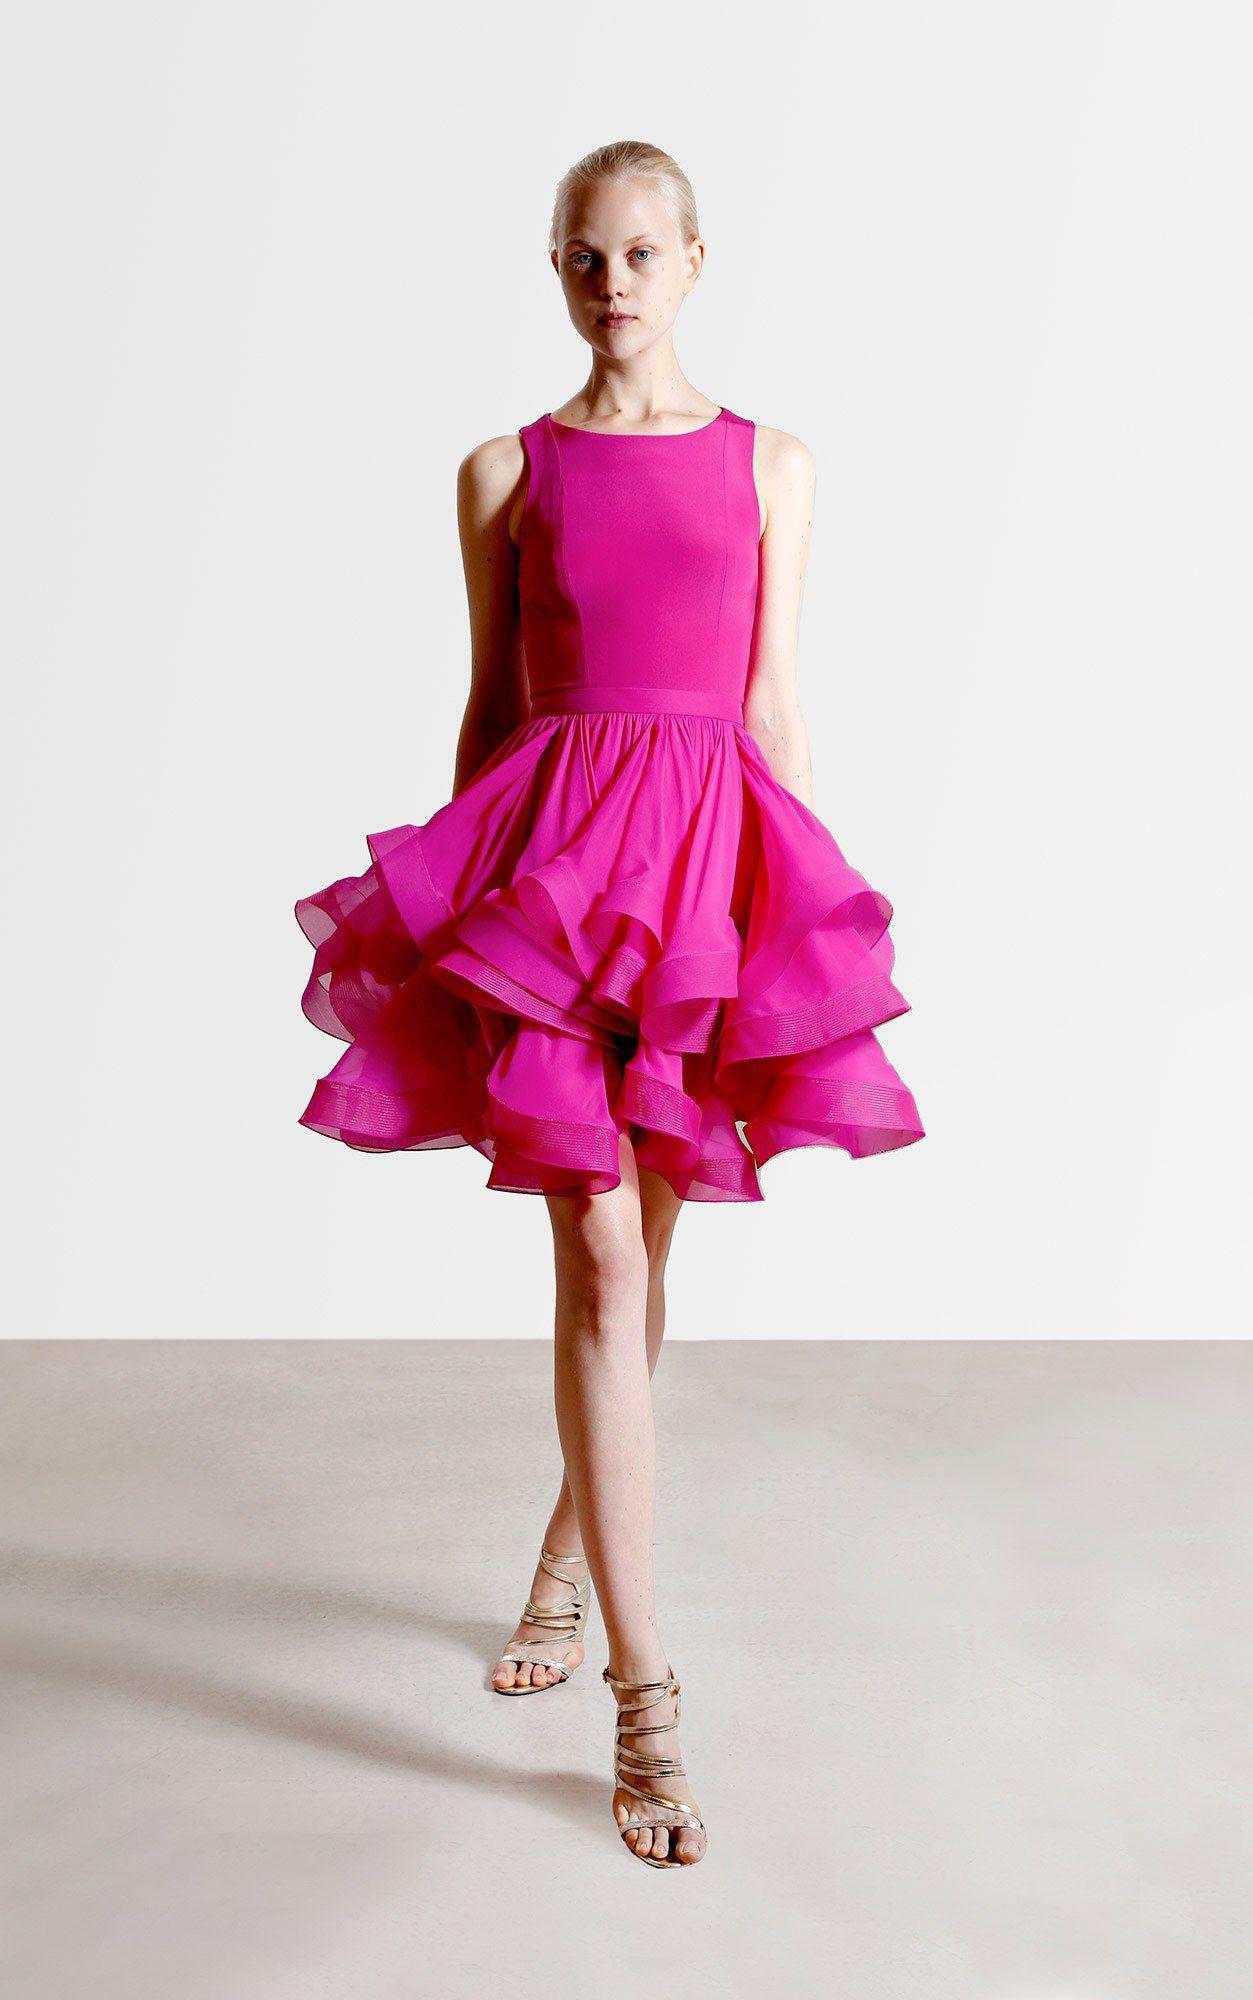 Reem Acra Resort 2017 Fashion Show   Moda rosada, Vestiditos y Fucsia